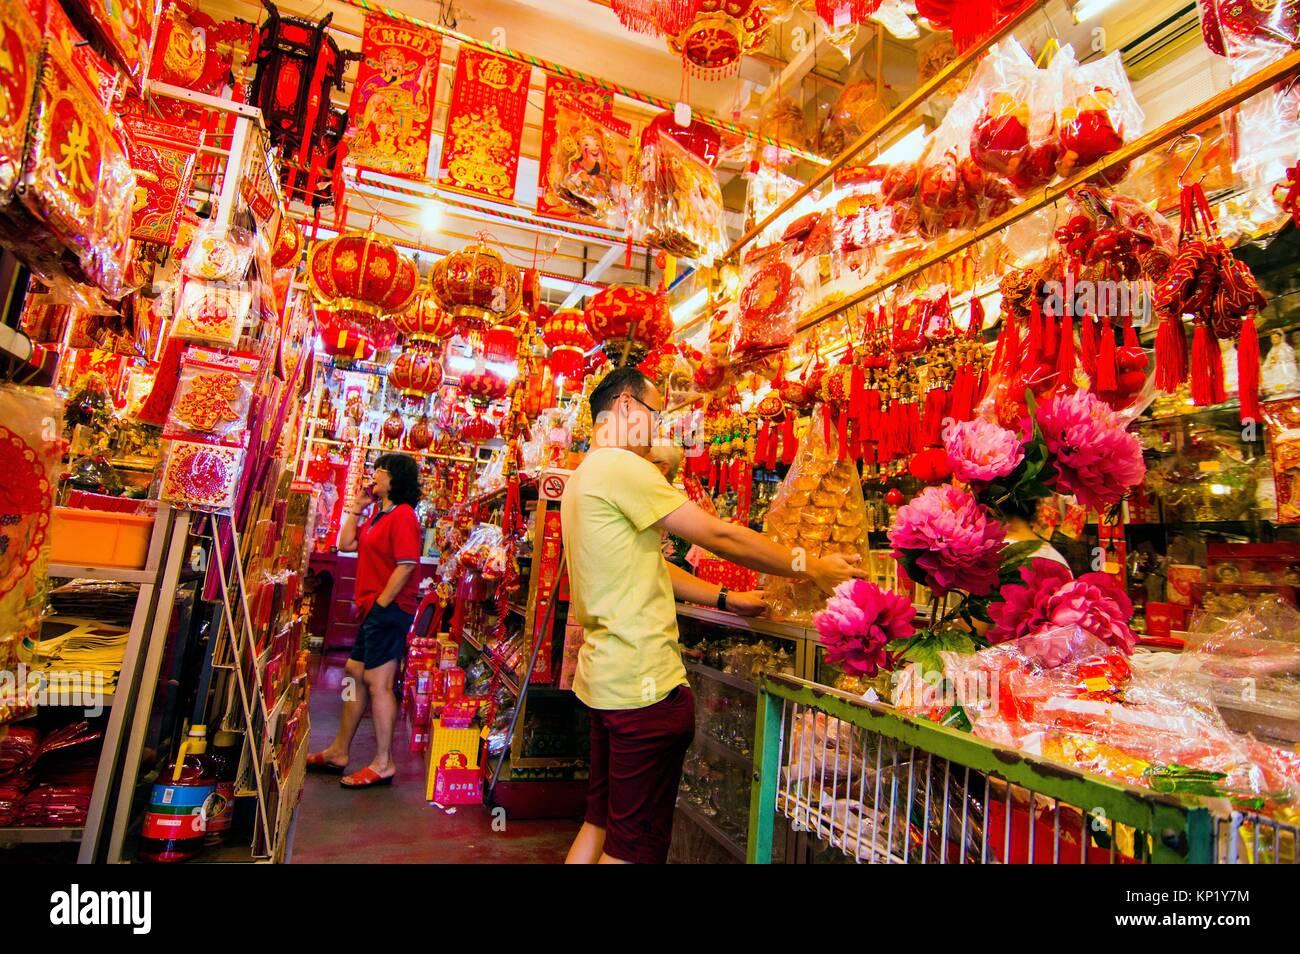 Fook chinois Onn shop, Ipoh, Perak, Malaisie Photo Stock